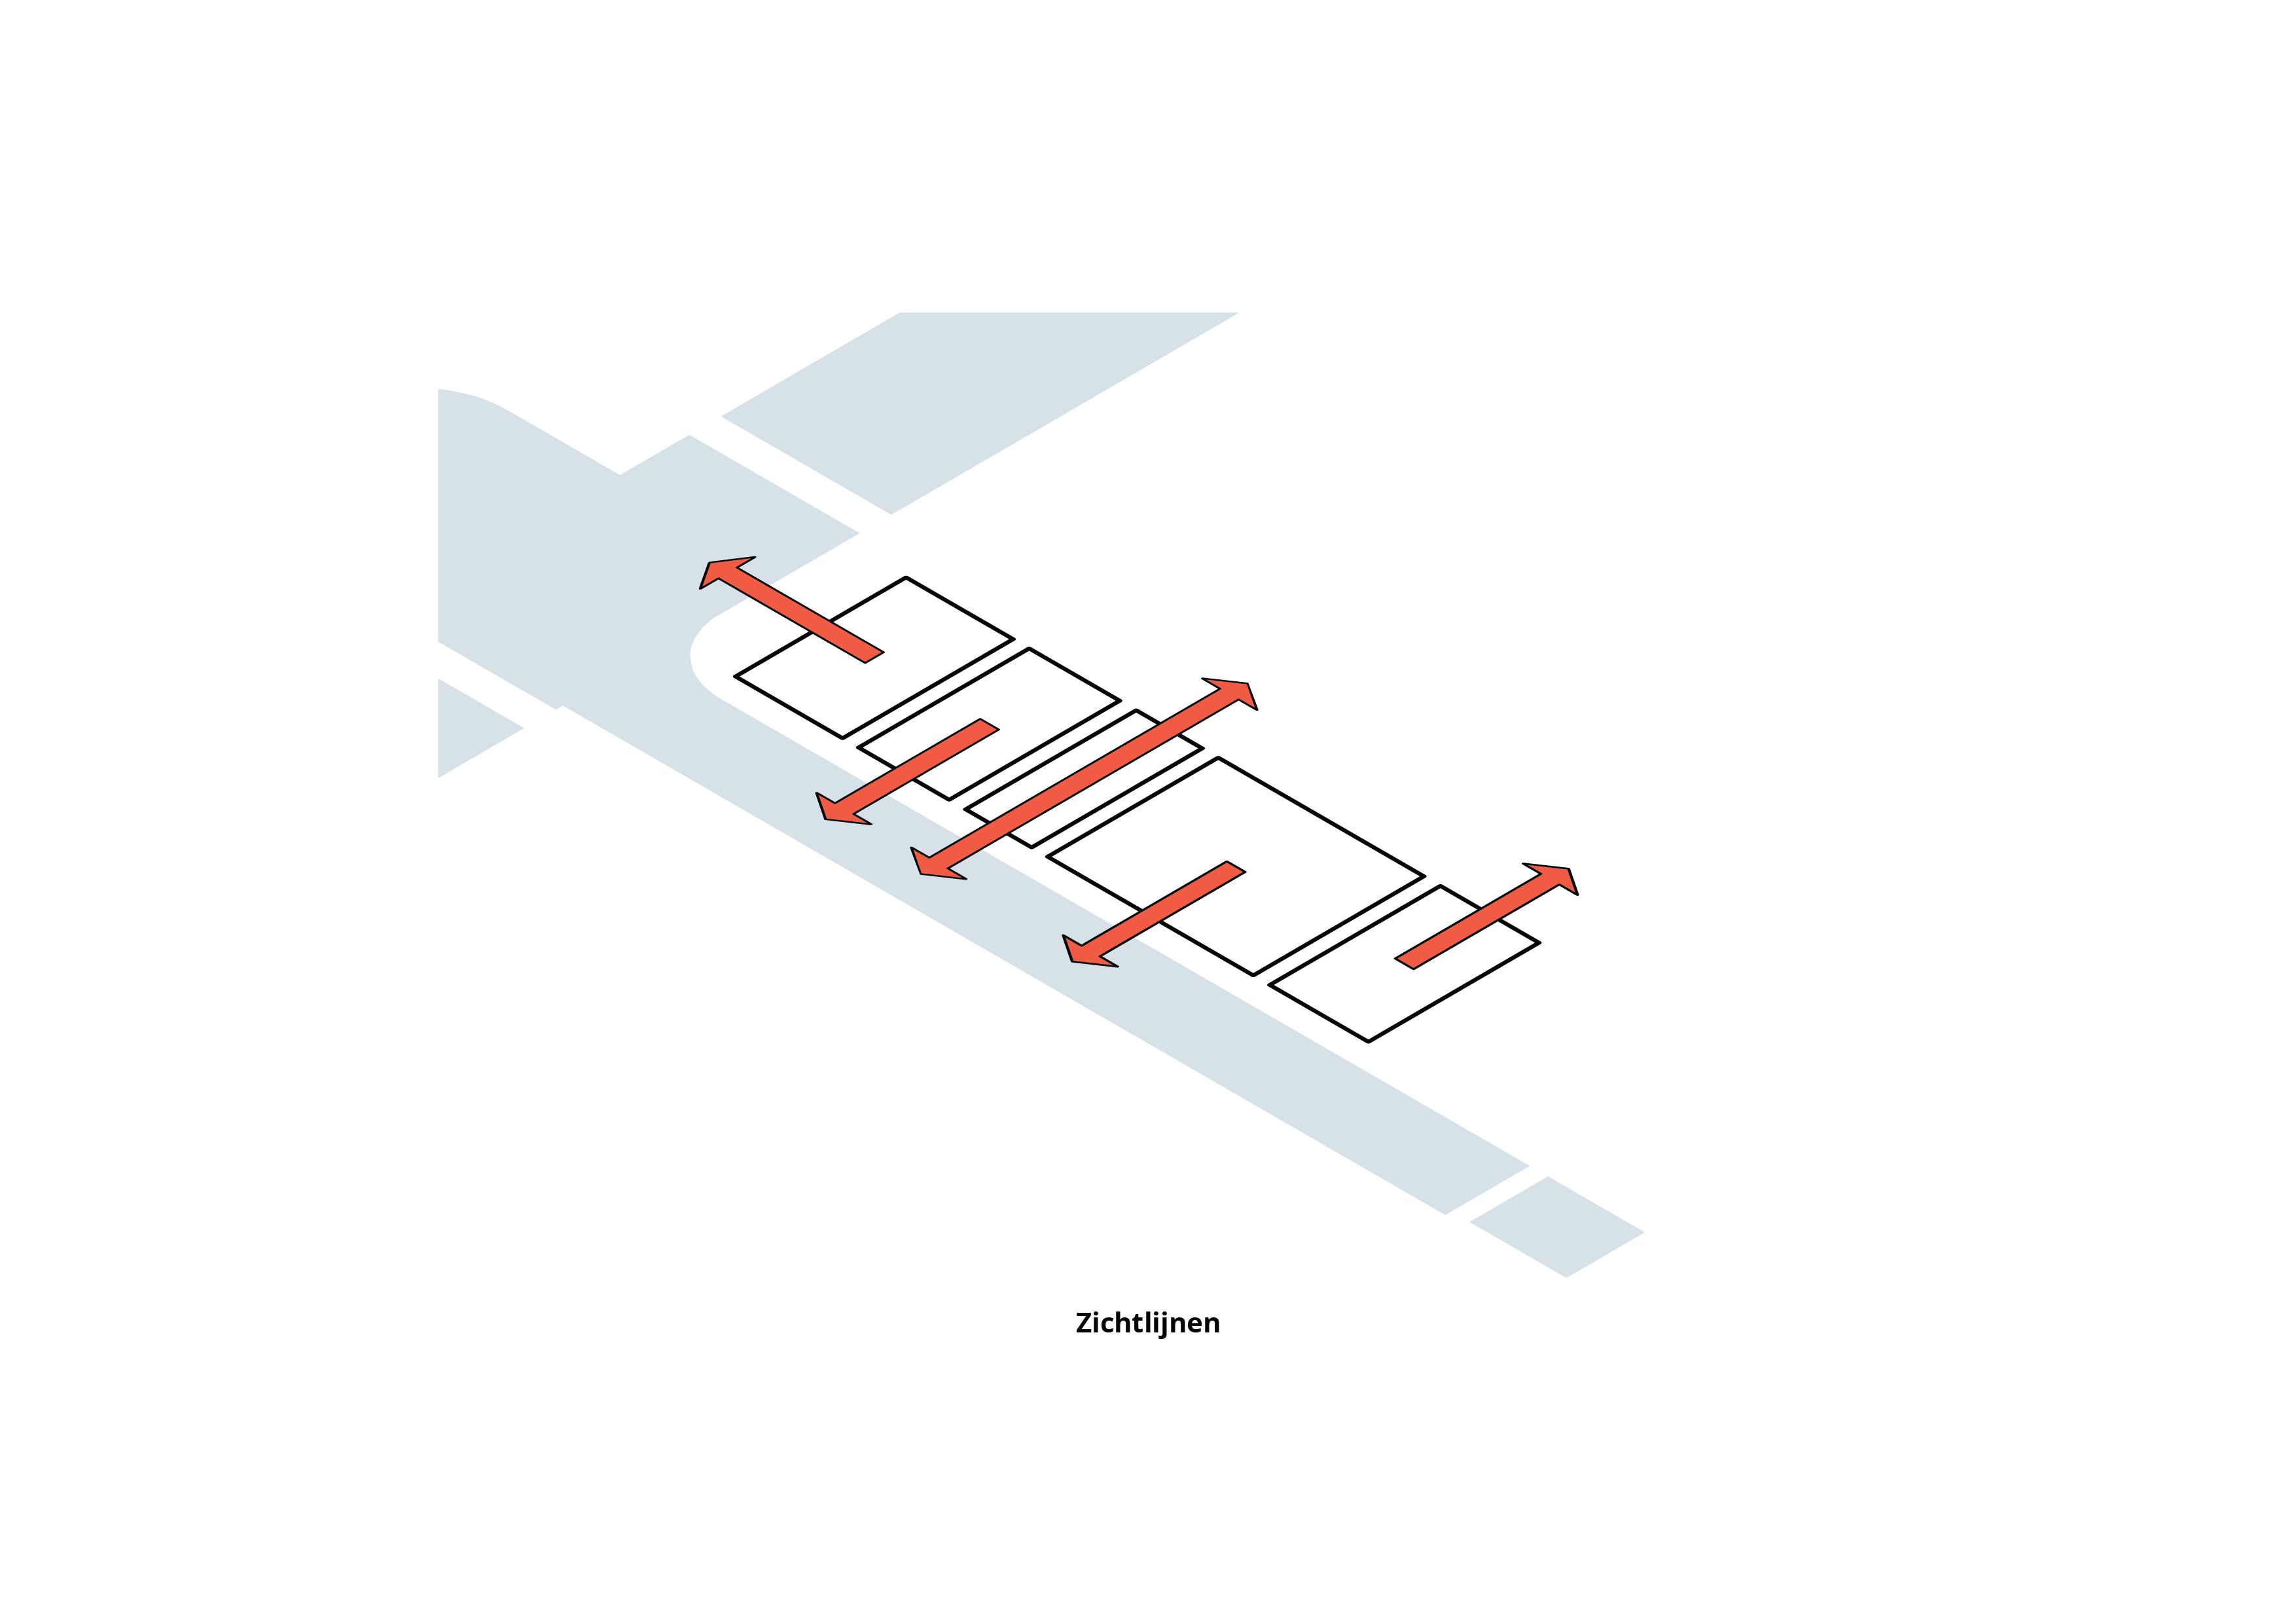 Oosterhamrikzone – Zichtlijnen